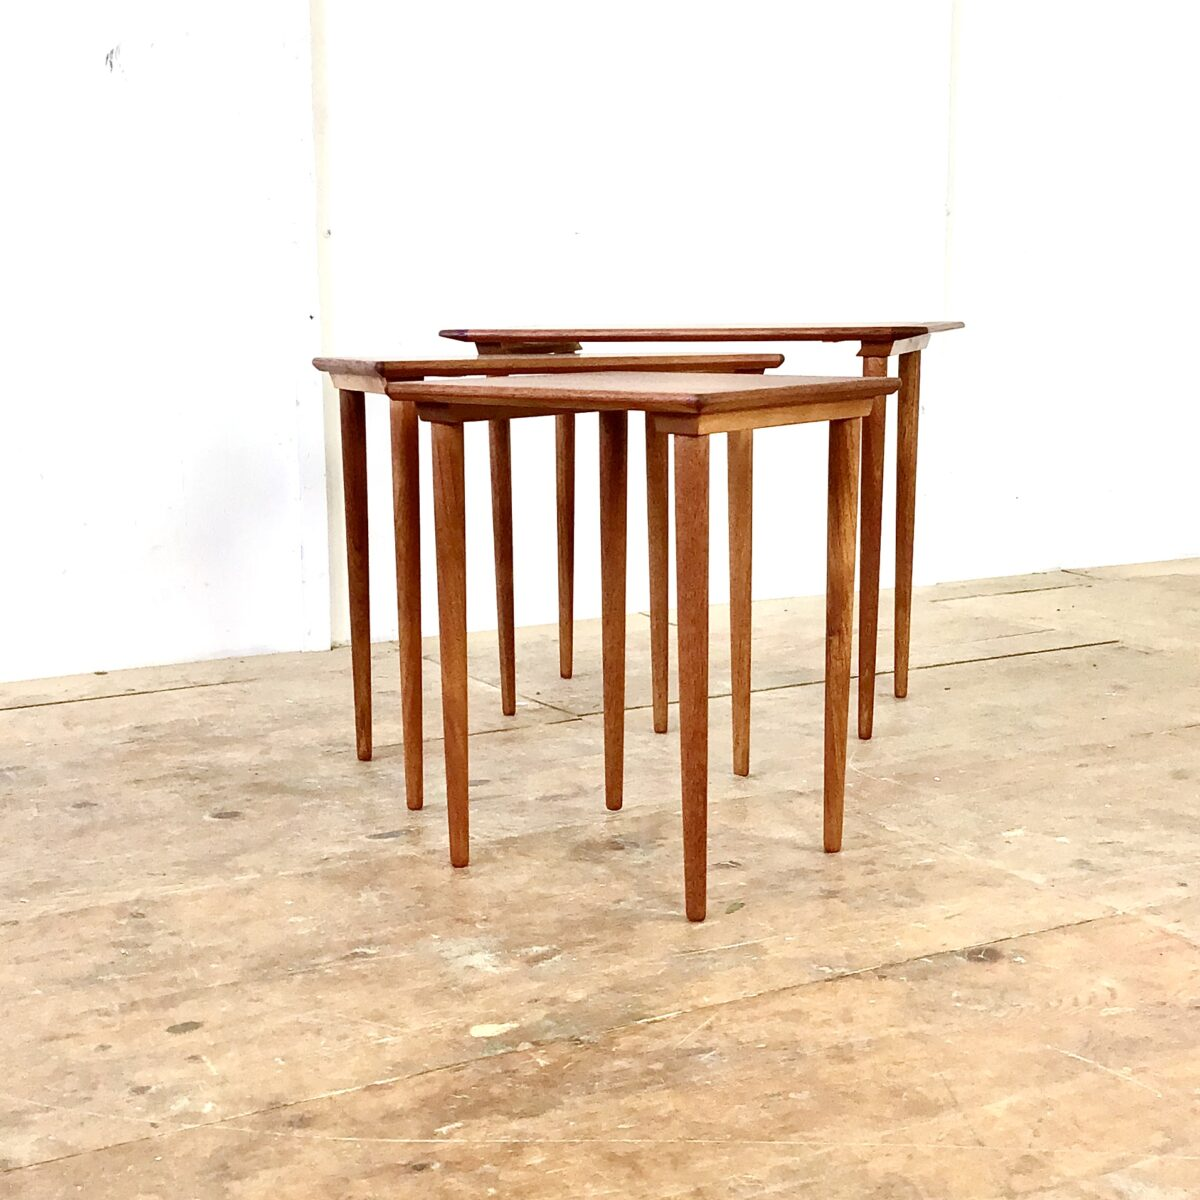 Teak Satztische von Kleppes Möbelfabrik Norwegen. 63.5 x 35 Höhe 51.5cm. Schön erhaltenes 3er Set Salontische, mit filigranen Beinen.